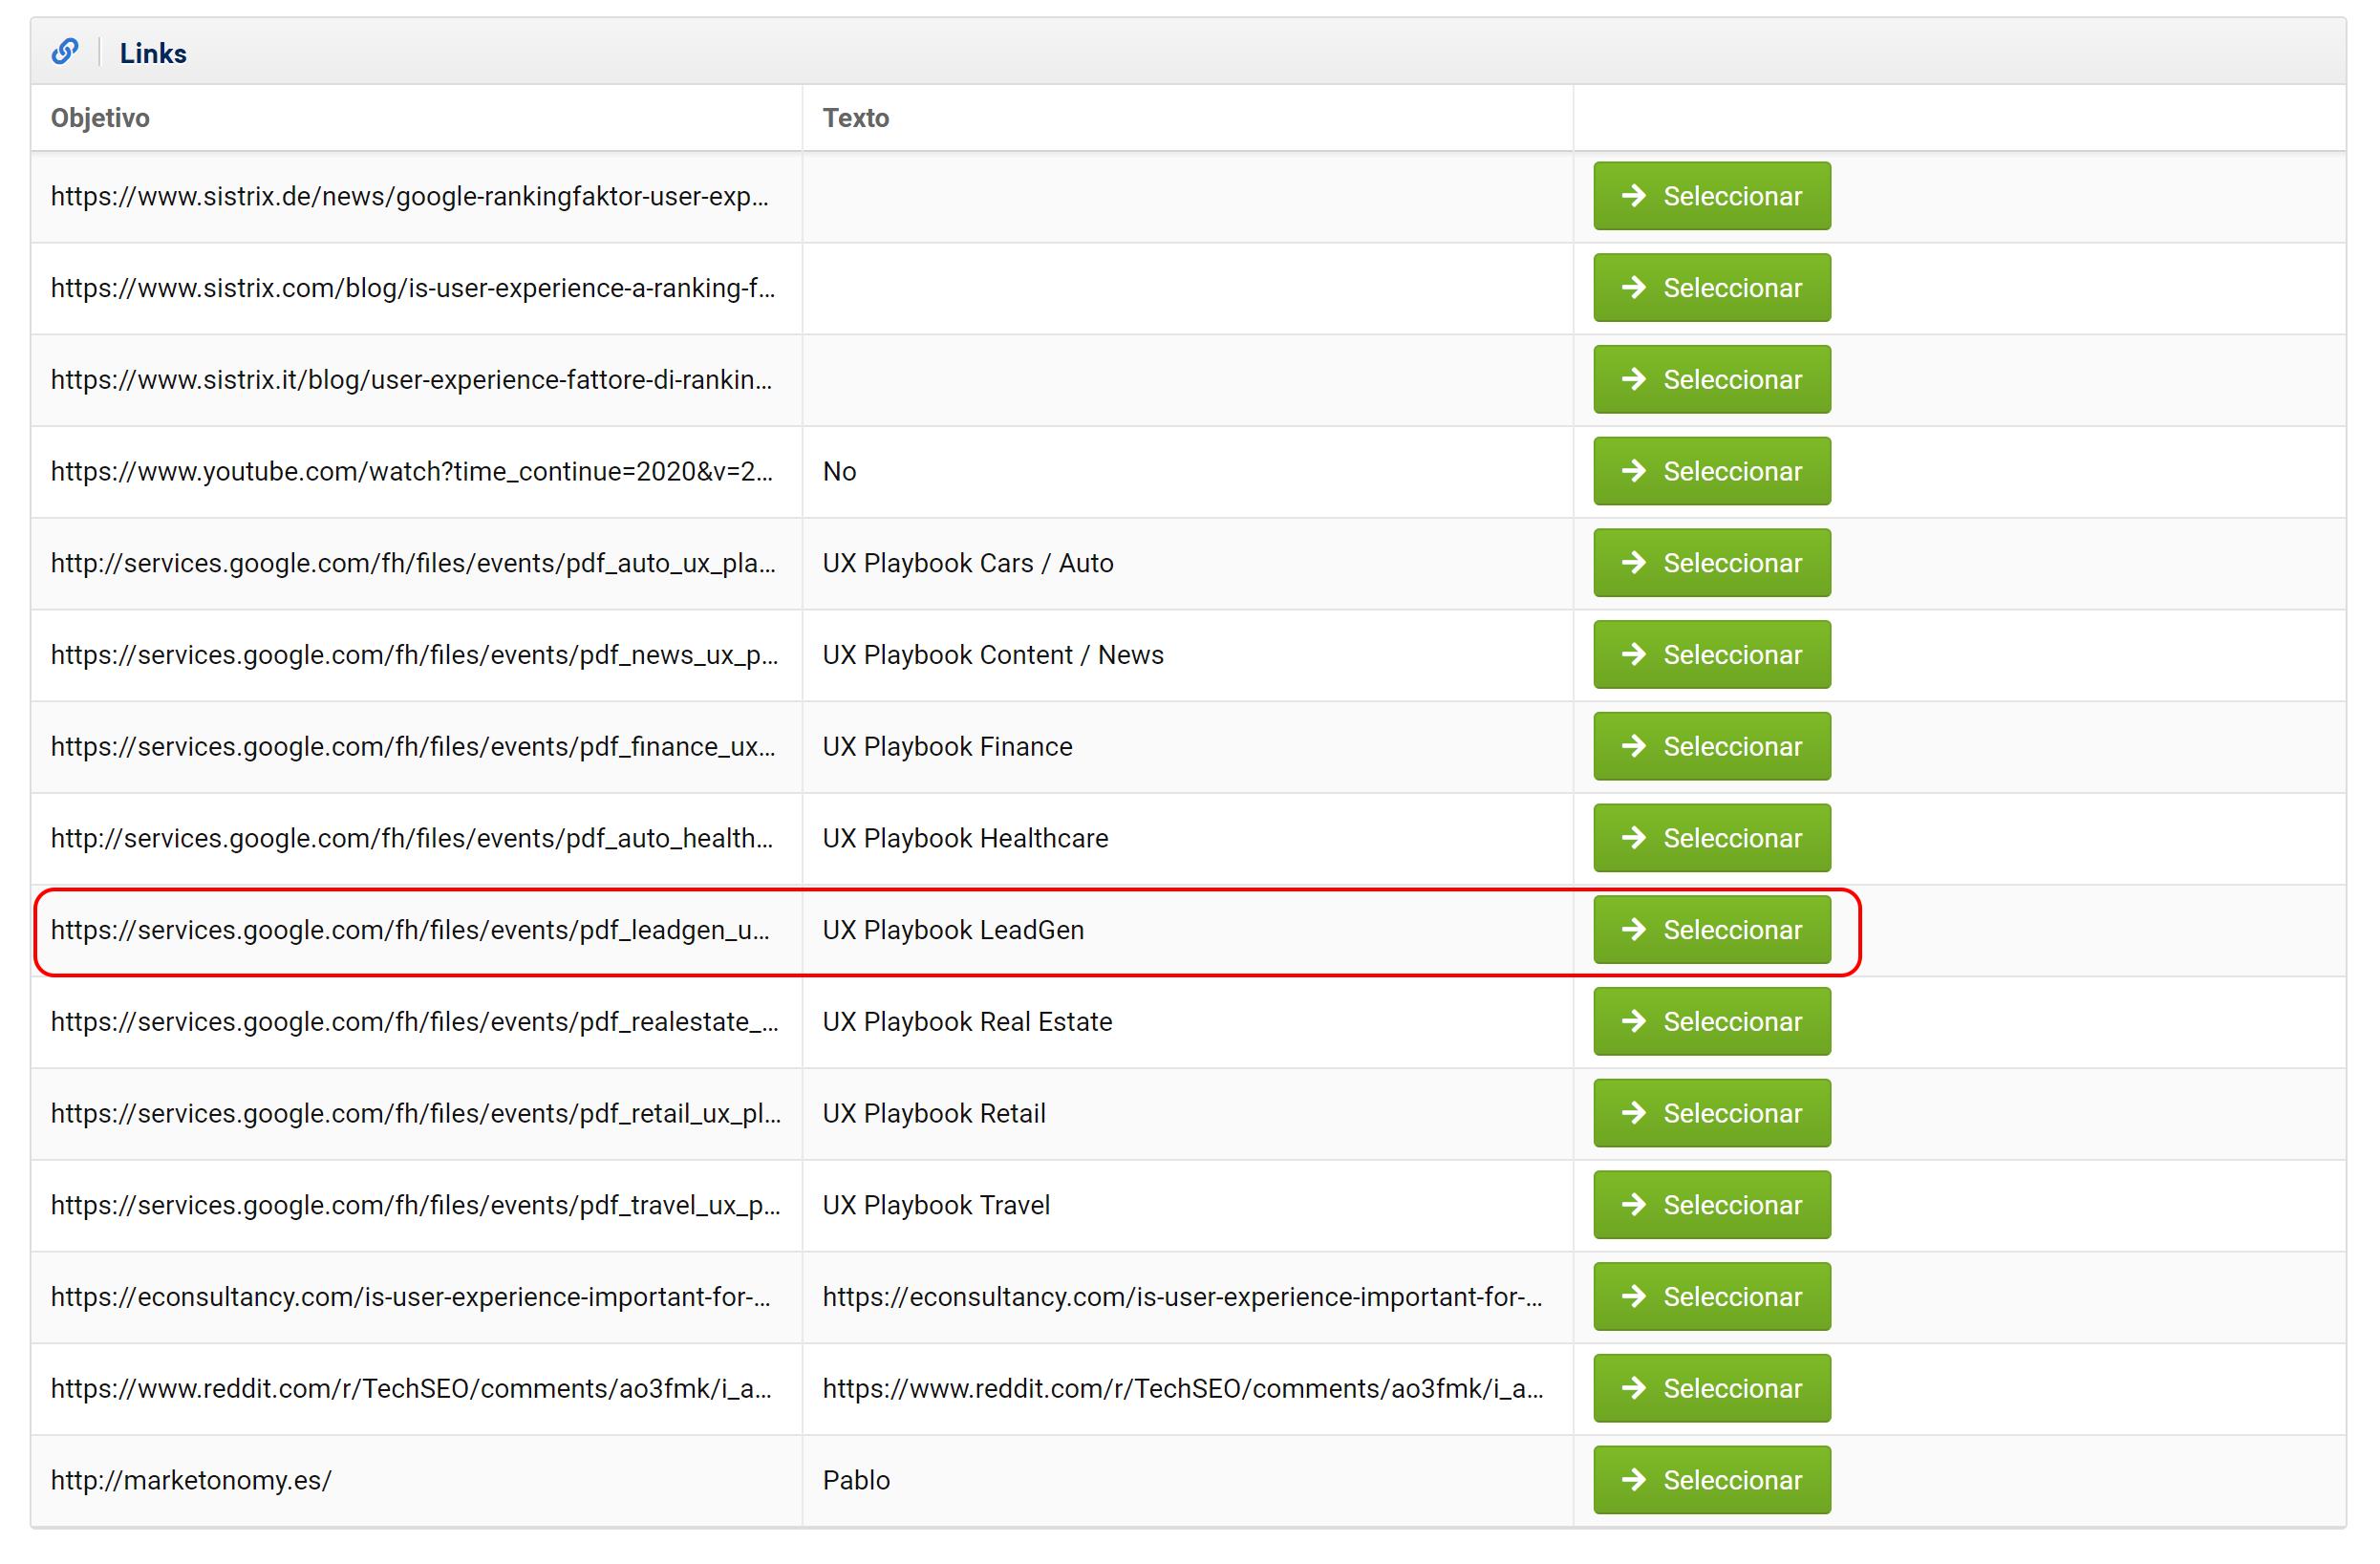 """""""Añadir nuevo enlace"""" e introduce la URL del artículo: obtendremos la lista de enlaces que parten de esta URL."""